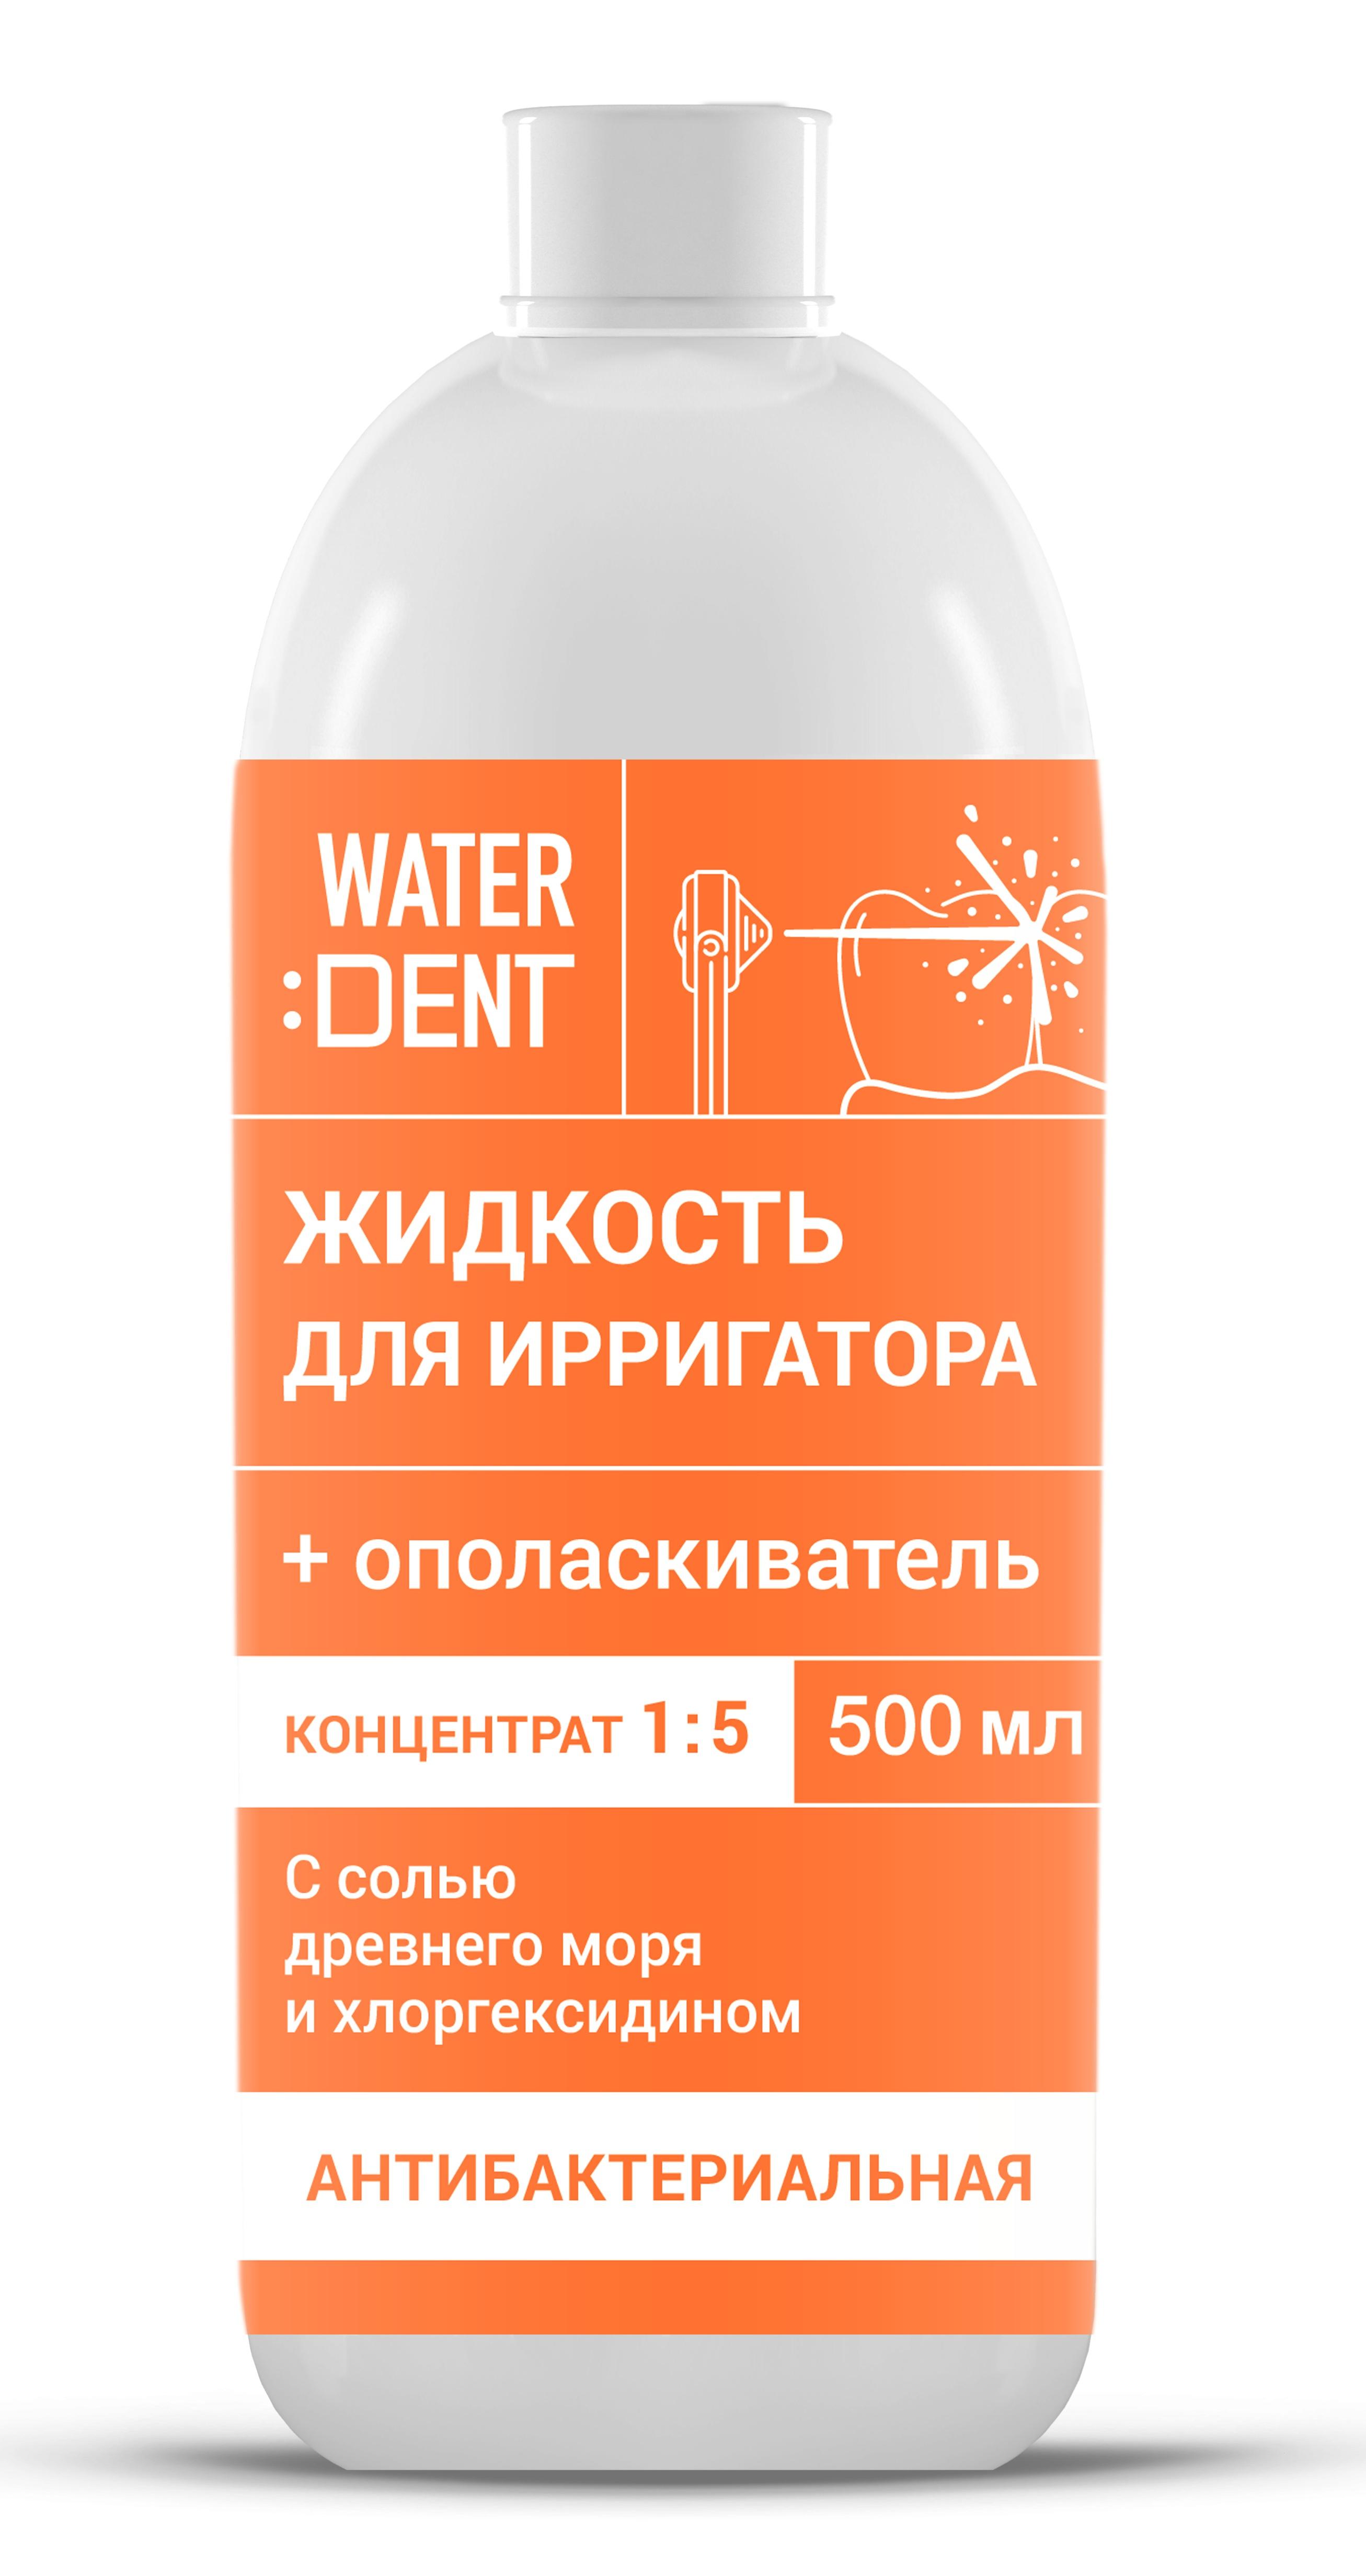 WATERDENT Жидкость для ирригатора, антибактериальный комплекс (концентрат 1:5) 500 мл